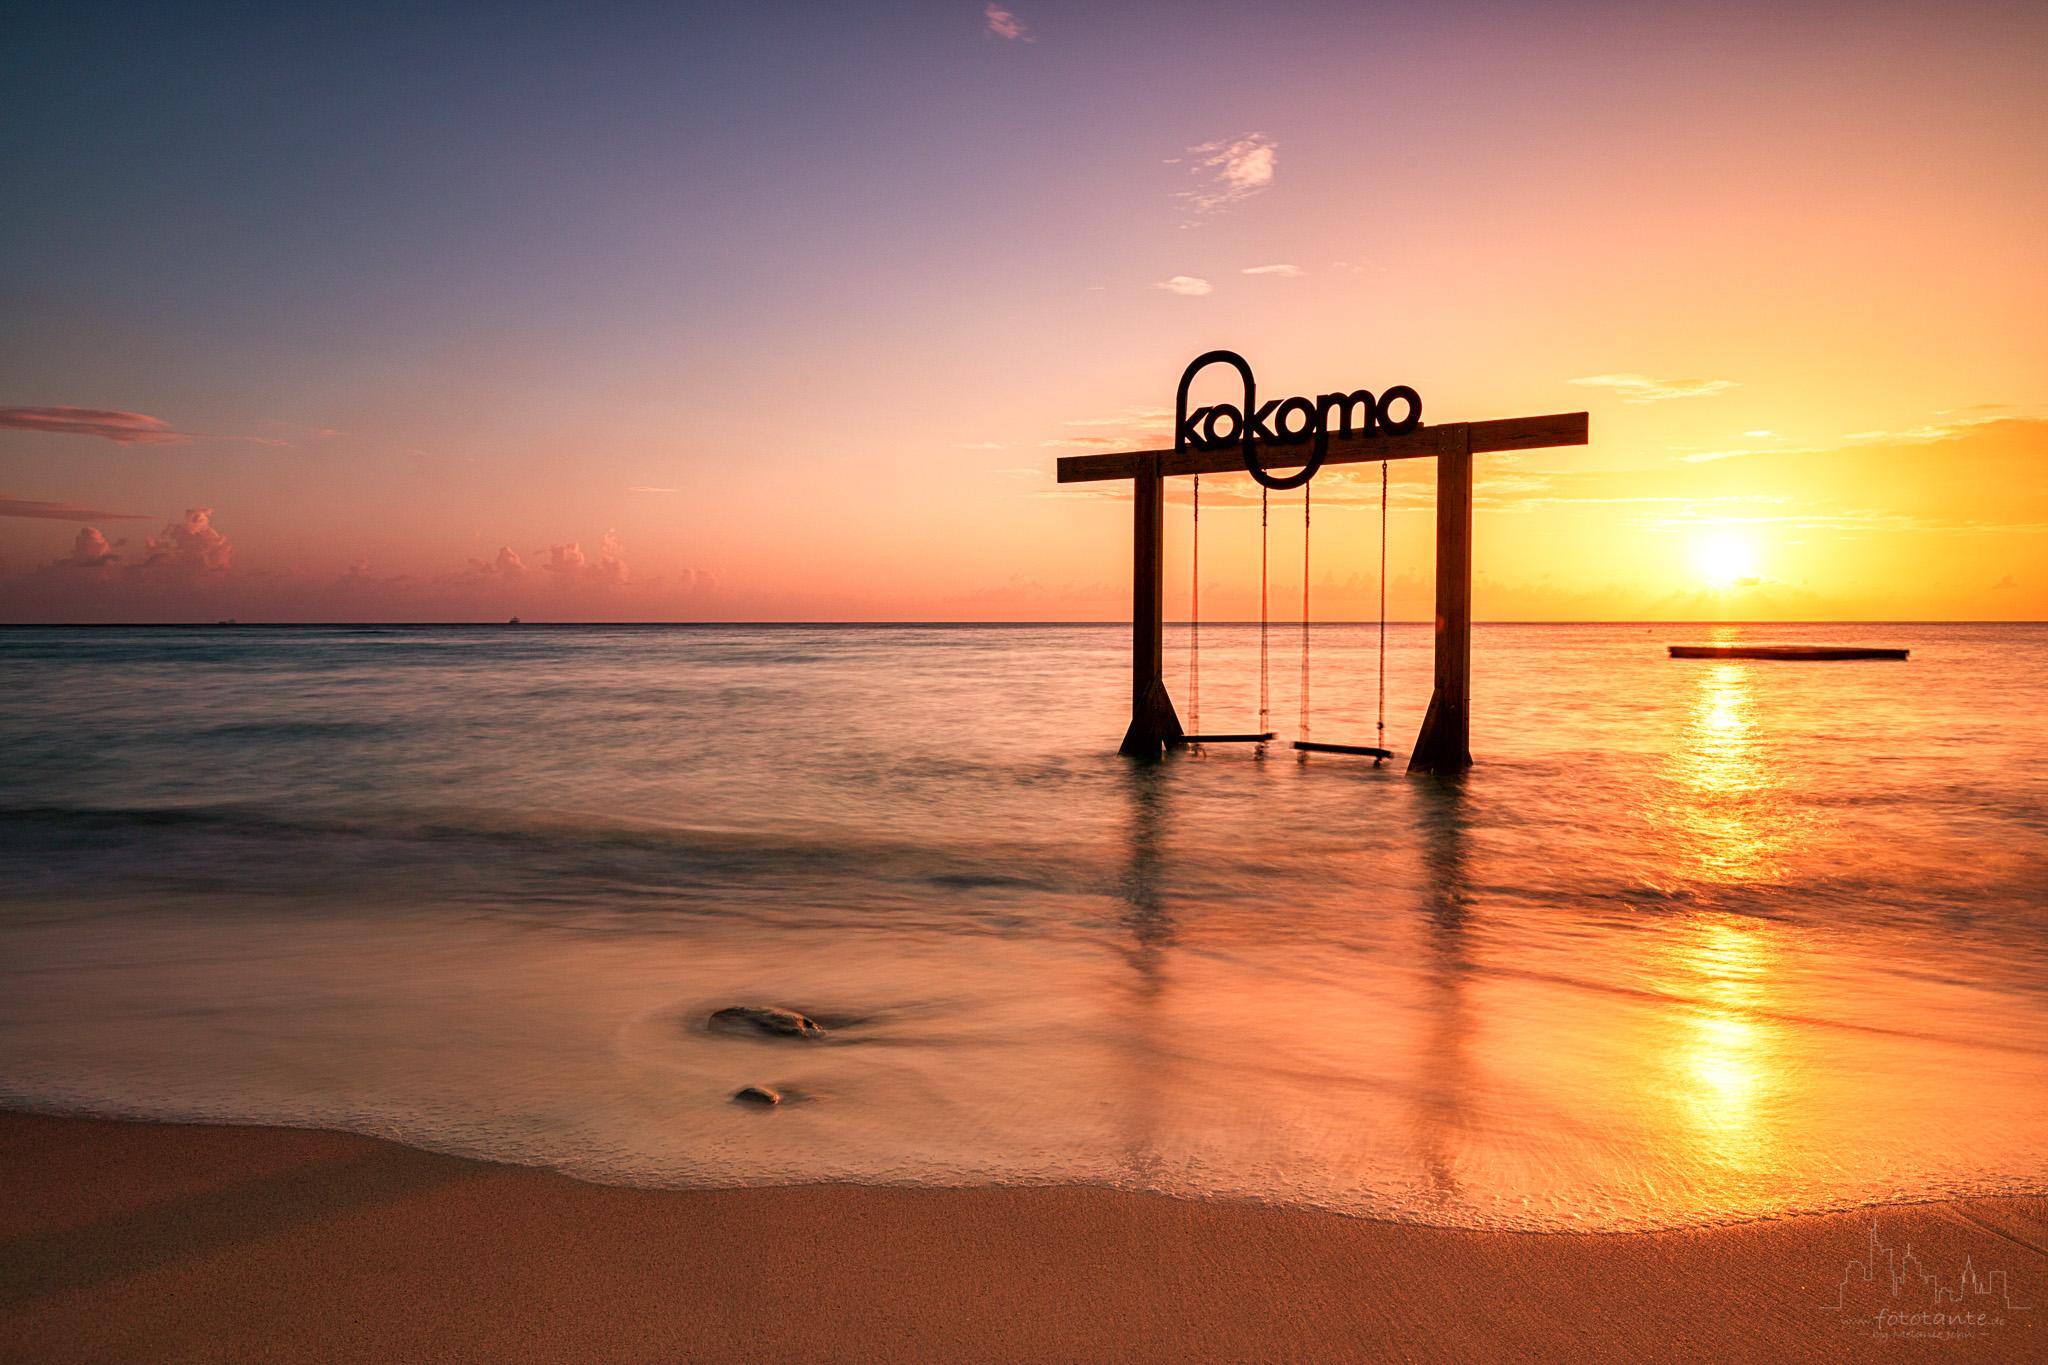 Kokomo Beach, Curaçao